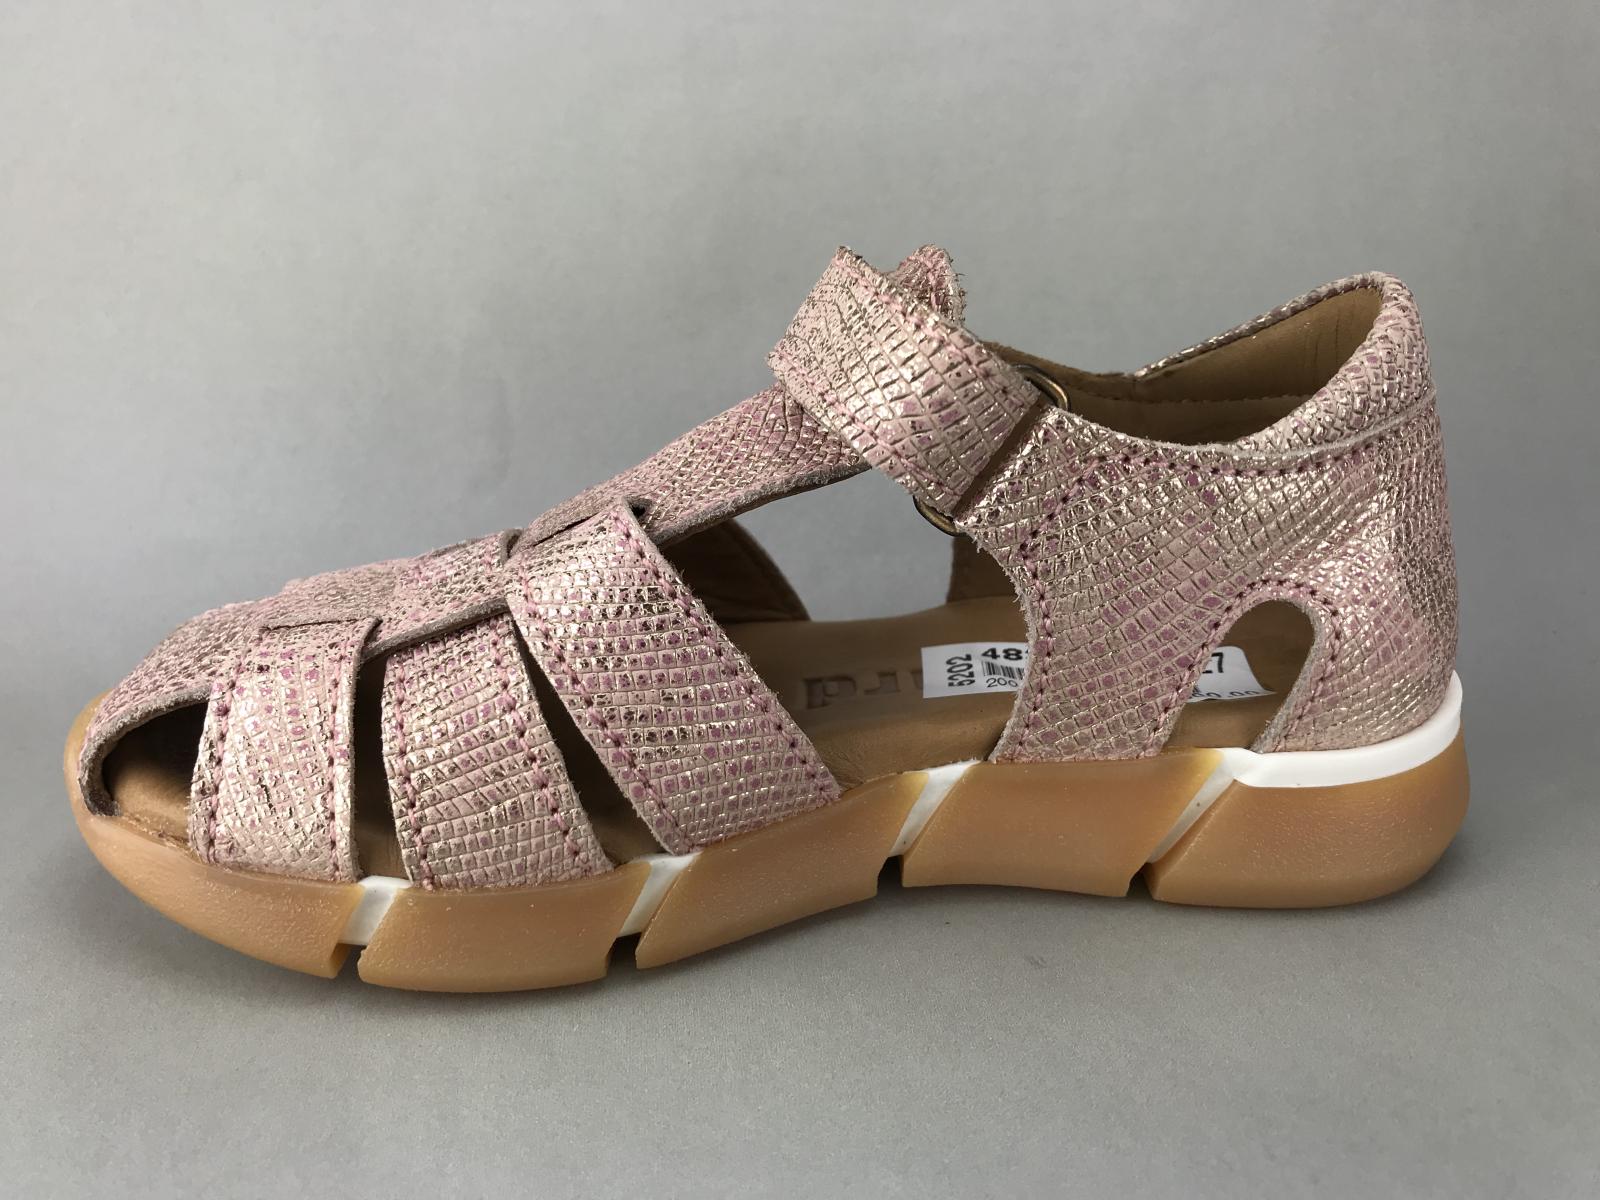 b712bee357b6 Bisgaard pige sandal - rosa - BØRN - zjoos-hjoerring.dk